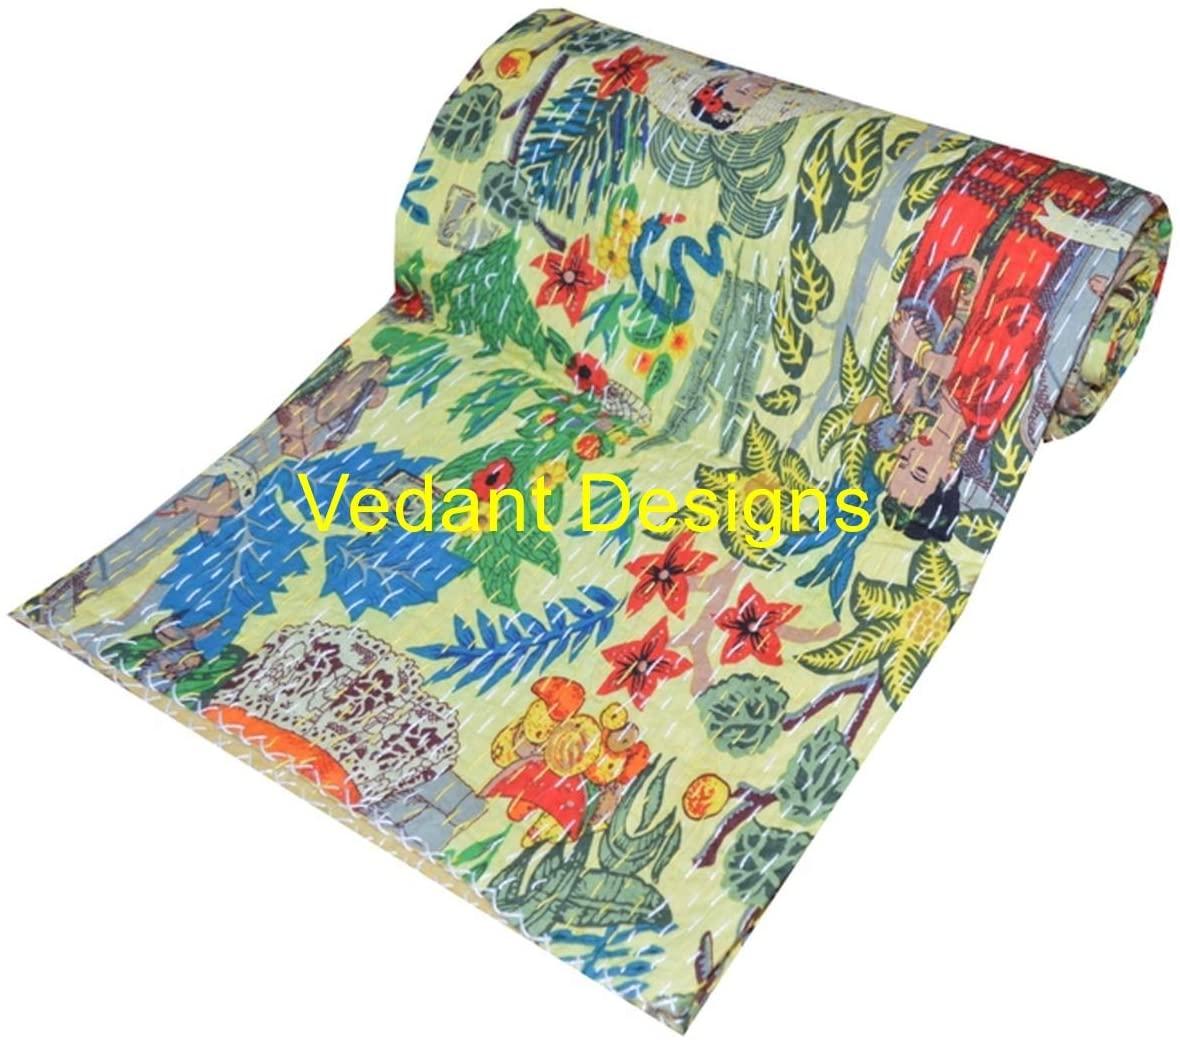 V Vedant Designs Indian Handmade Frida Kahlo Print Kantha Quilt Boho Kantha Blanket Bed Cover Kantha Quilt